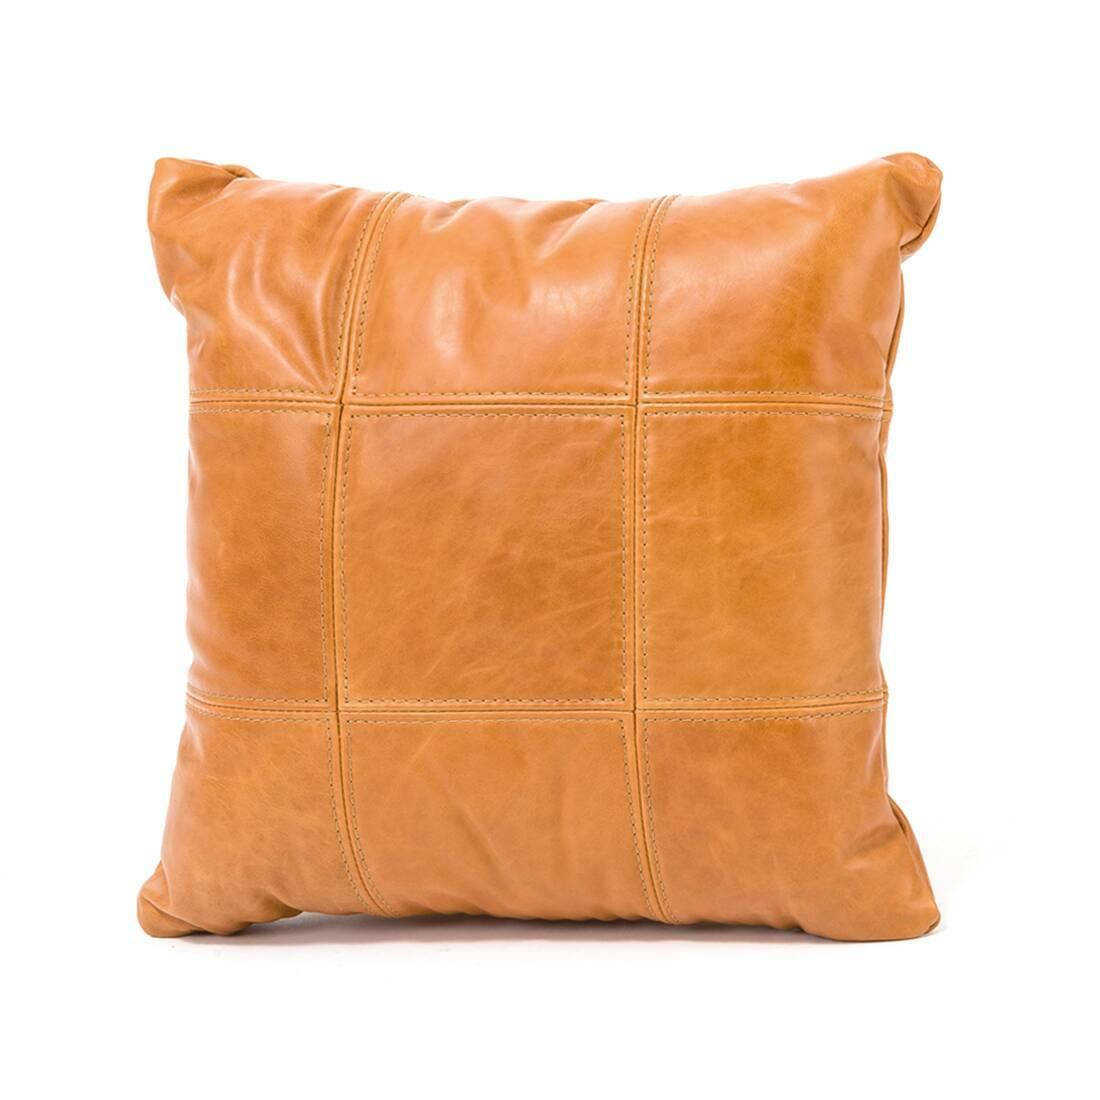 Подушка GridsДекоративные подушки<br>Дизайнерская подушка Grids (Гридс) из кожи от Cosmo (Космо).<br><br> Дизайнерская подушка Grids — это как раз то, что нужно для дополнения и украшения домашнего интерьера и придания ему полноценного и законченного вида. Дизайнеры создавали это изделие не только для украшения, но и для комфортного использования — подушка достаточно мягкая и прекрасно подойдет для использования на диване или кресле или даже на полу во время пижамных вечеринок или вечерних посиделок всей семьи.<br><br><br> Подушка изгот...<br><br>stock: 3<br>Высота: 48<br>Ширина: 48<br>Цвет: Кожа карамельная/Caramel Waxy